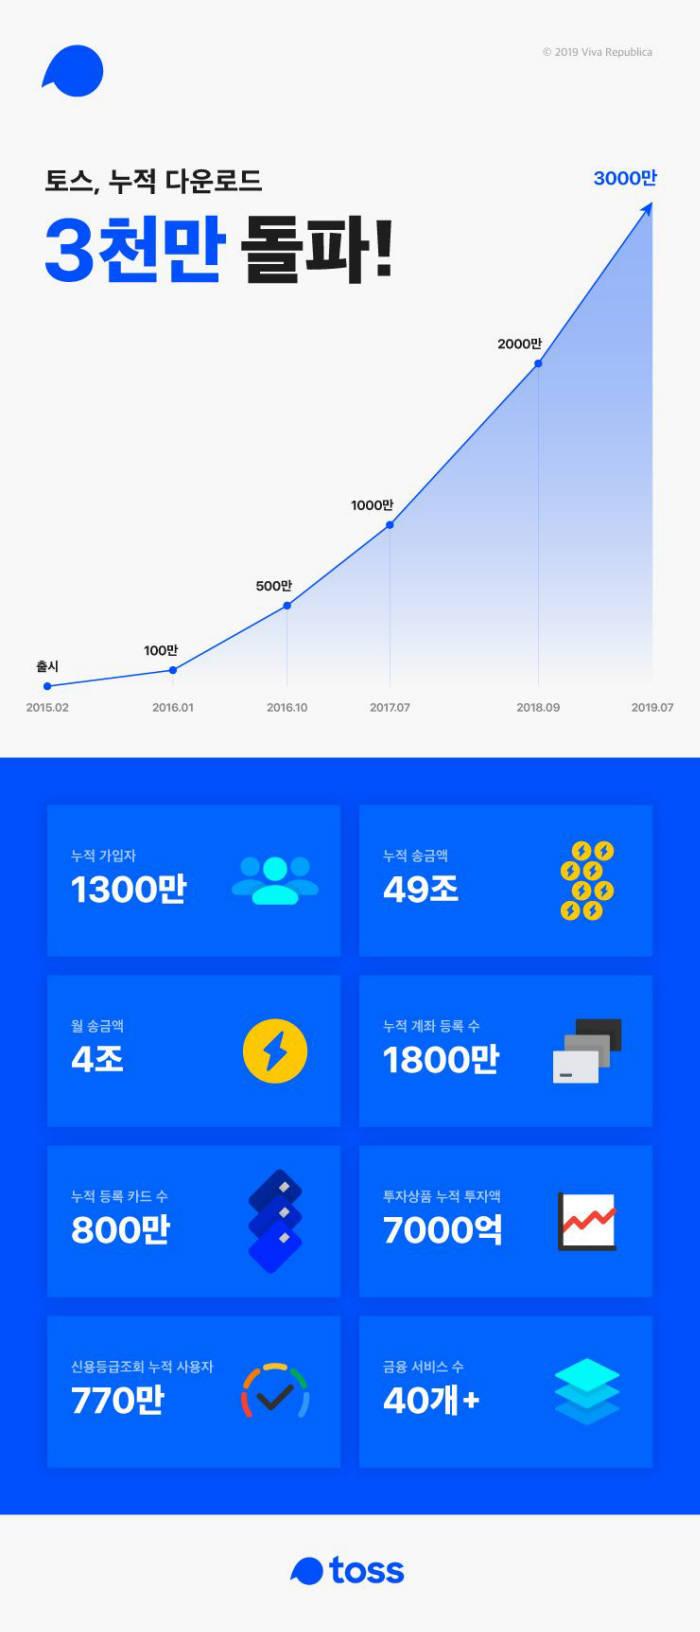 토스, 가입자 1300만명 돌파...앱 다운로드 3000만건 넘어